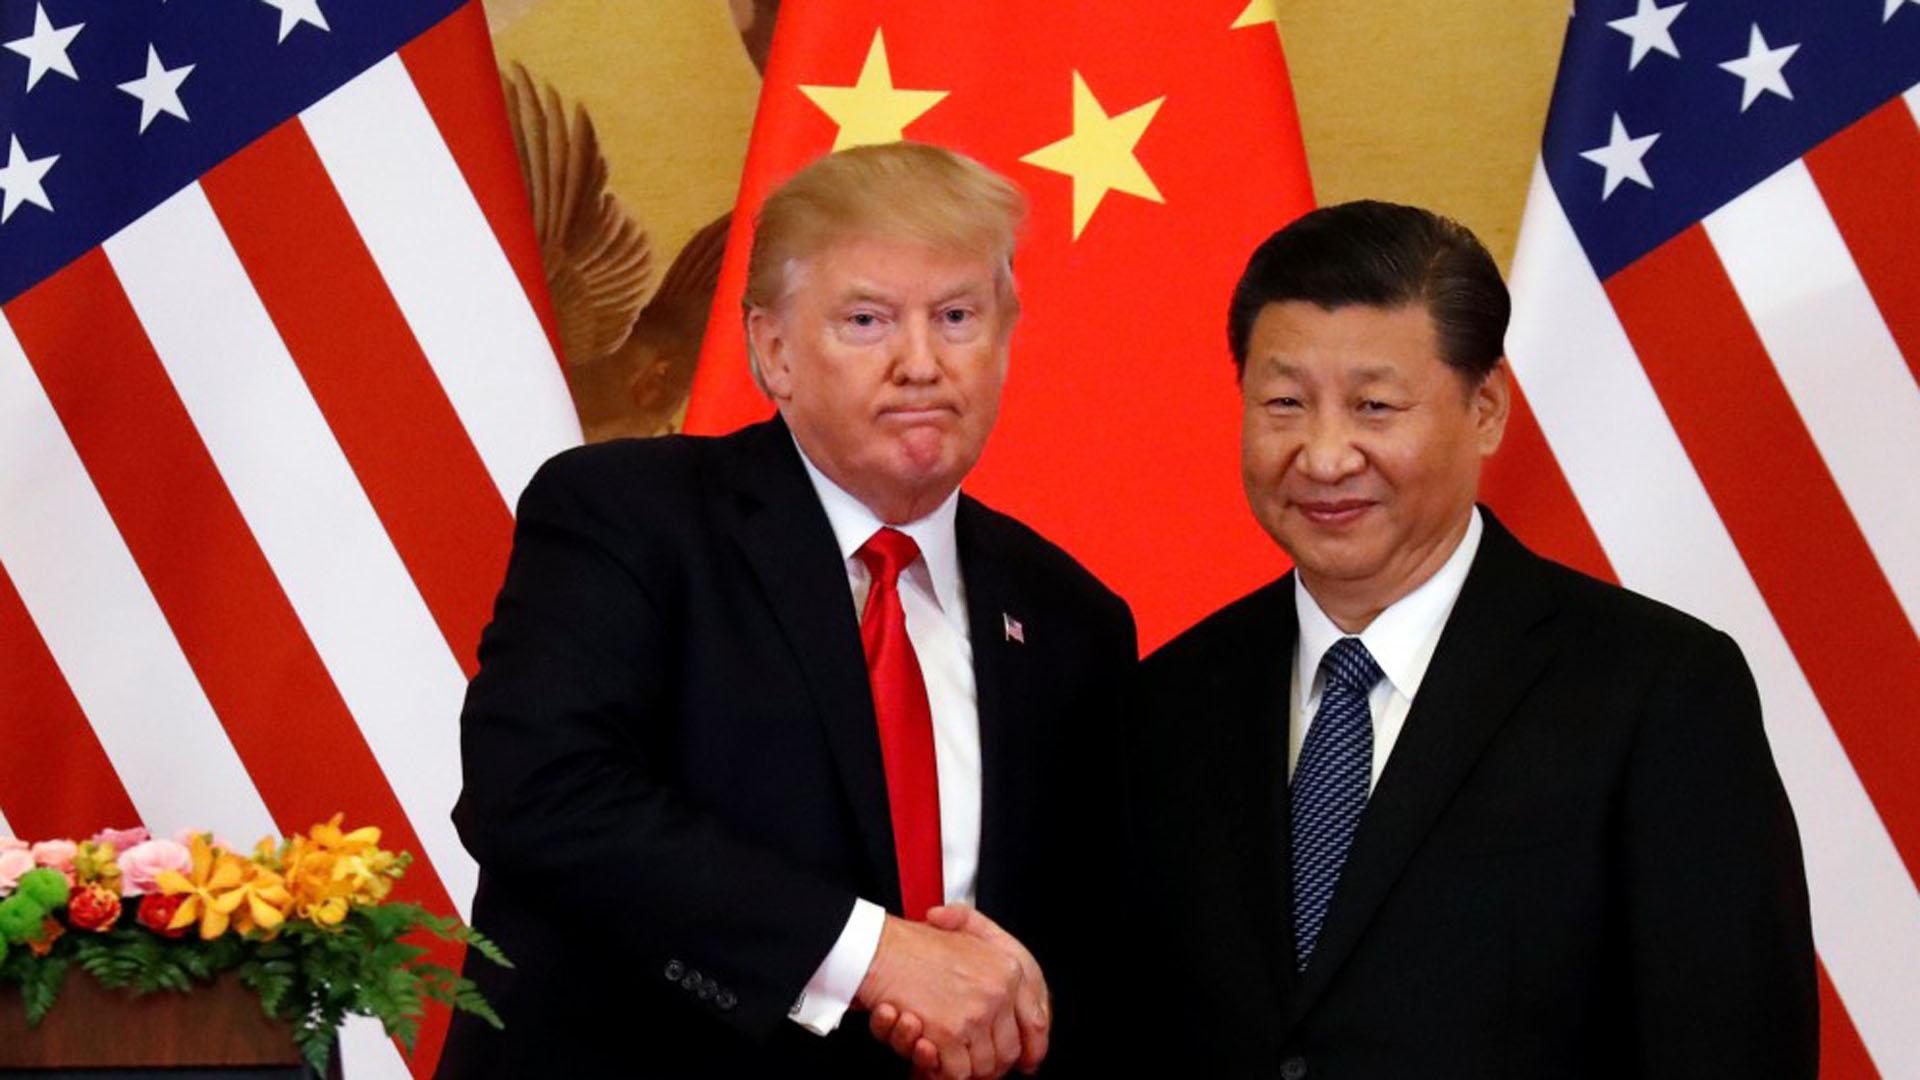 Donald Trump y Xi jinping, claves para lograr un acuerdo en el G20